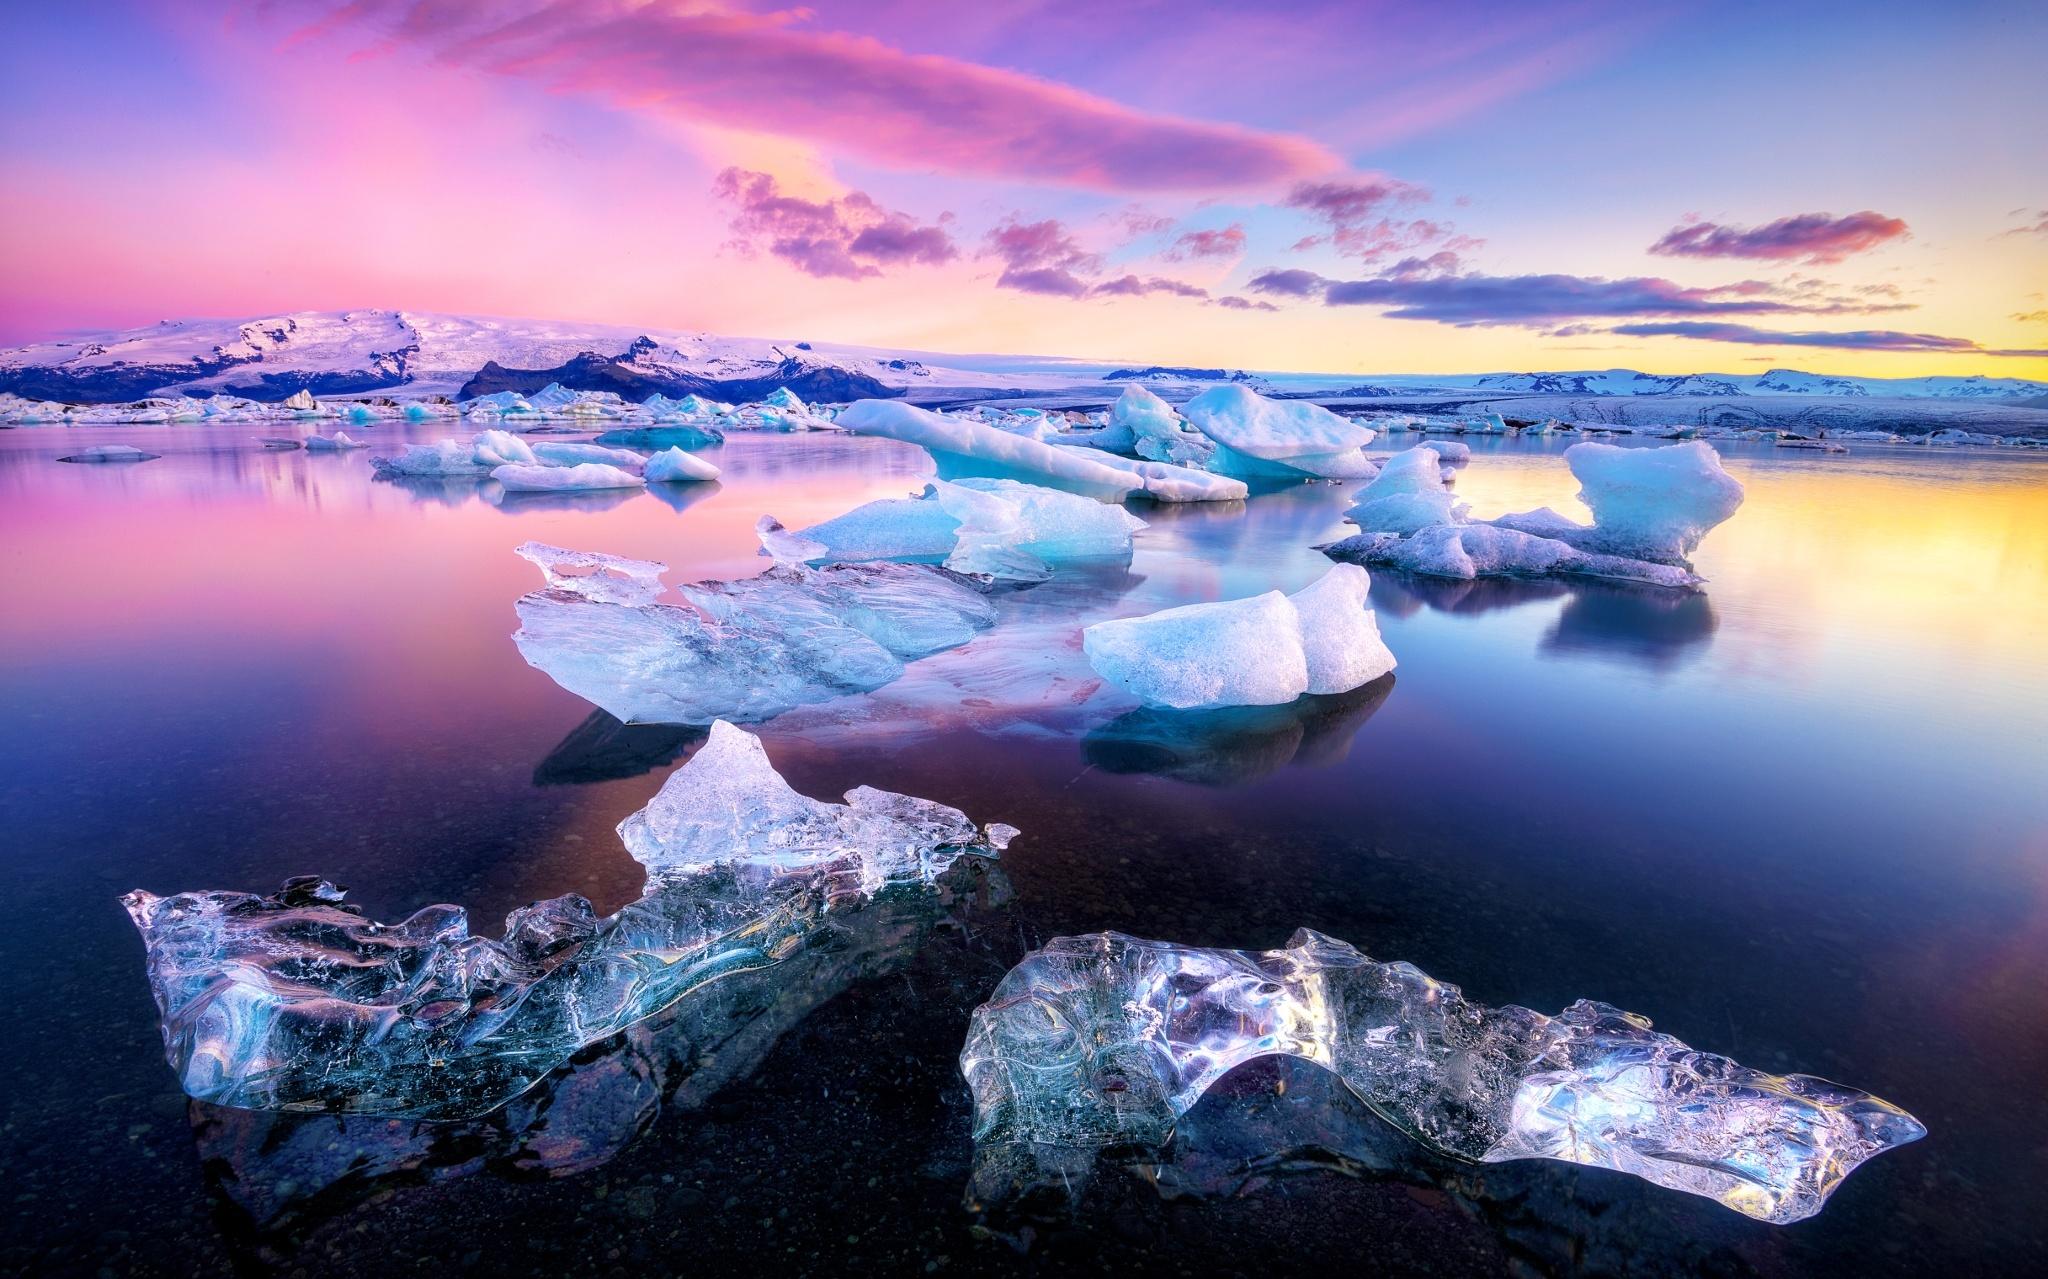 ледяные глыбы небо  № 2863211 загрузить